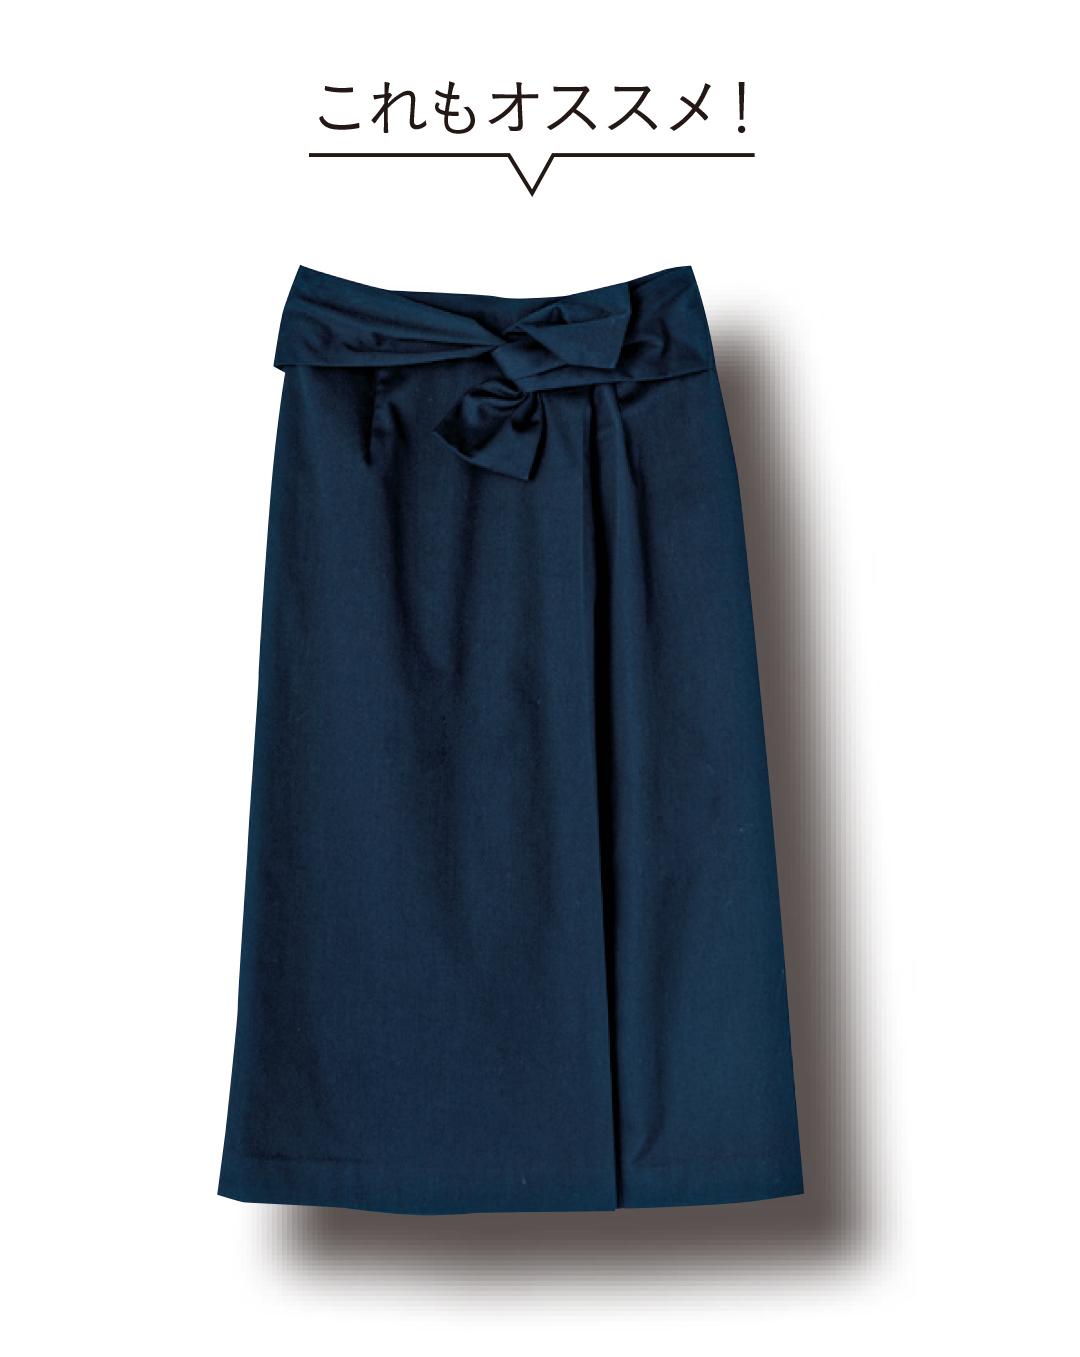 堅めオフィスできちんと見えスカート着回し☆毎日使えるタイトスカート4選!_1_3-4